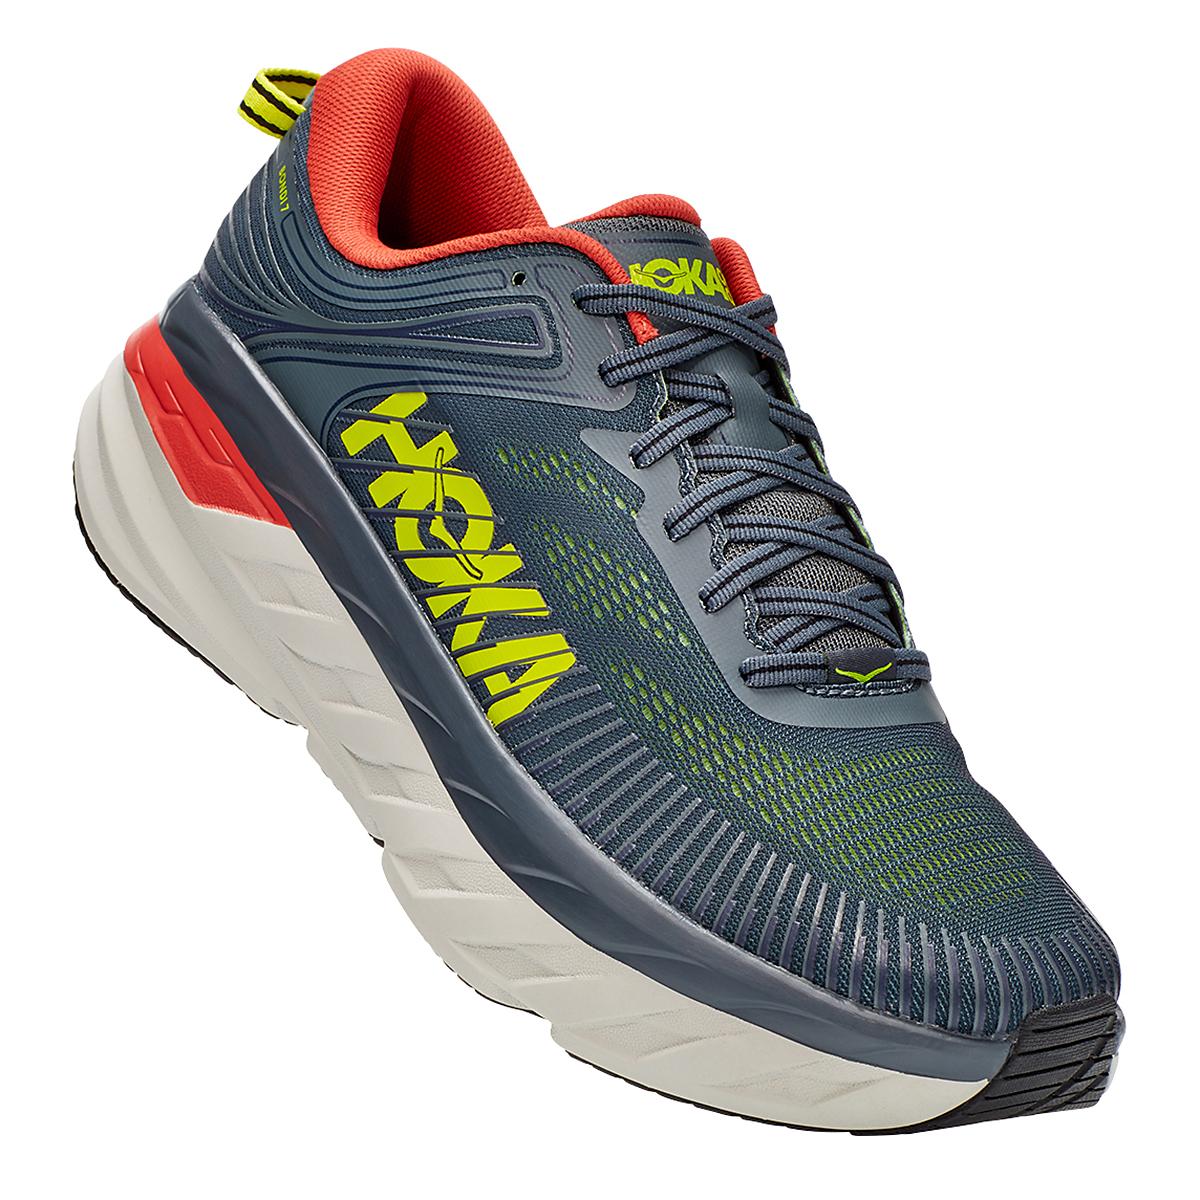 Men's Hoka One One Bondi 7 Running Shoe - Color: Turbulence/Chili - Size: 8 - Width: Regular, Turbulence/Chili, large, image 3